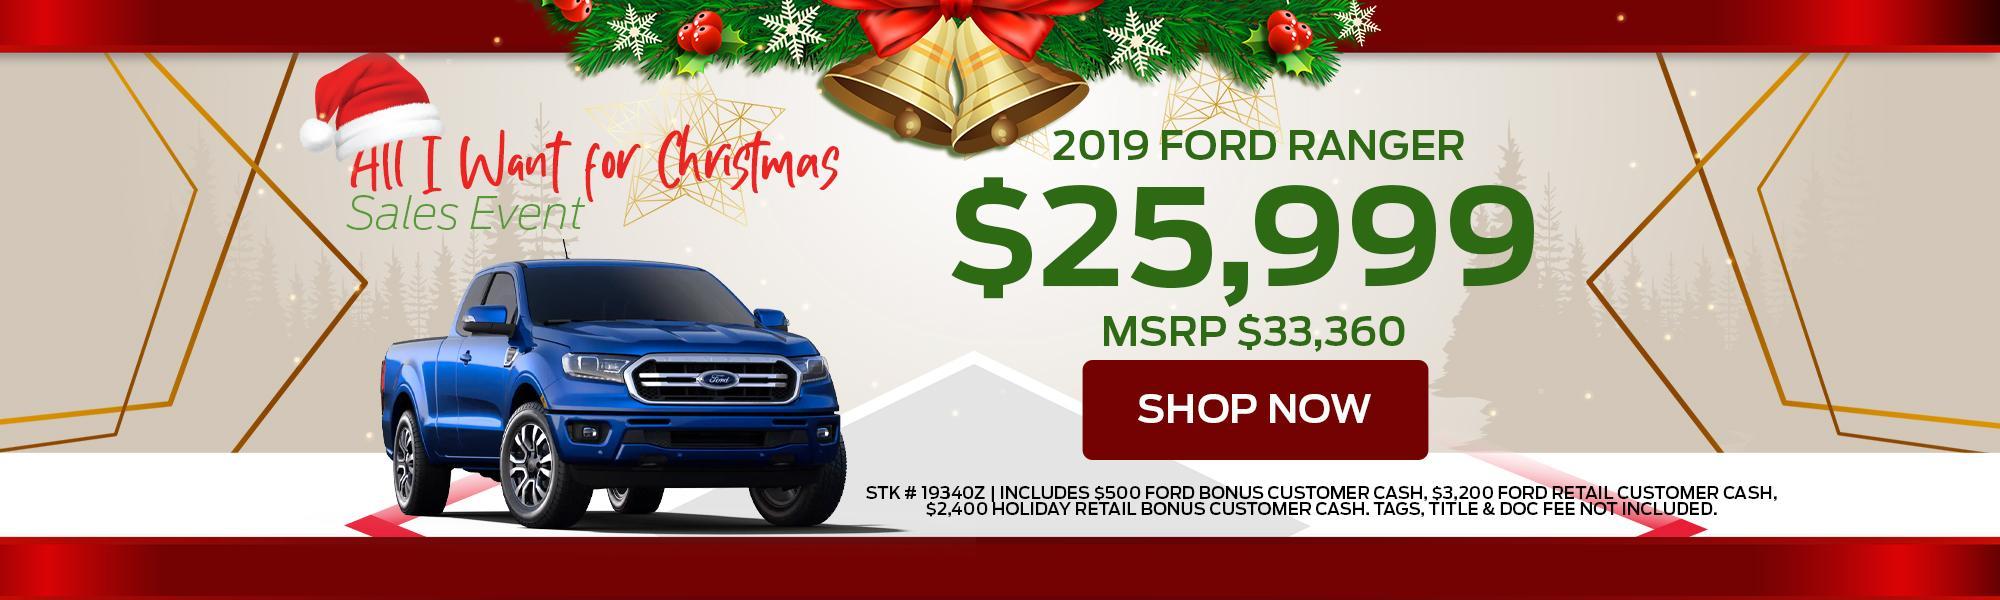 2019 Ford Ranger Offers